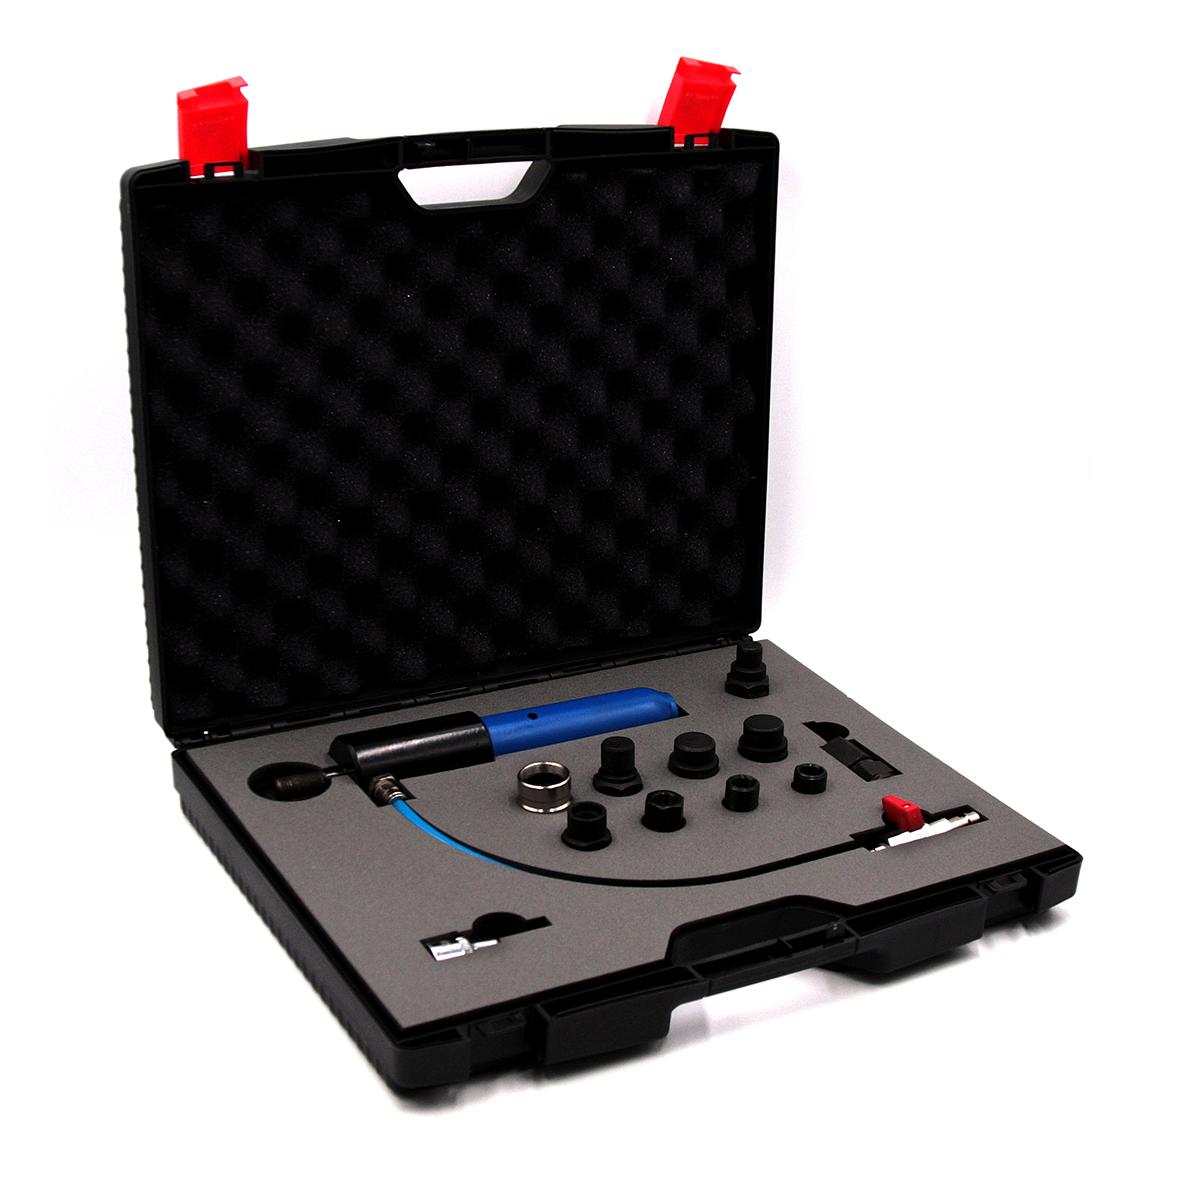 Съемник дизельных форсунок, пневматический с комплектом адаптеров ОДА Сервис ODA-3204B